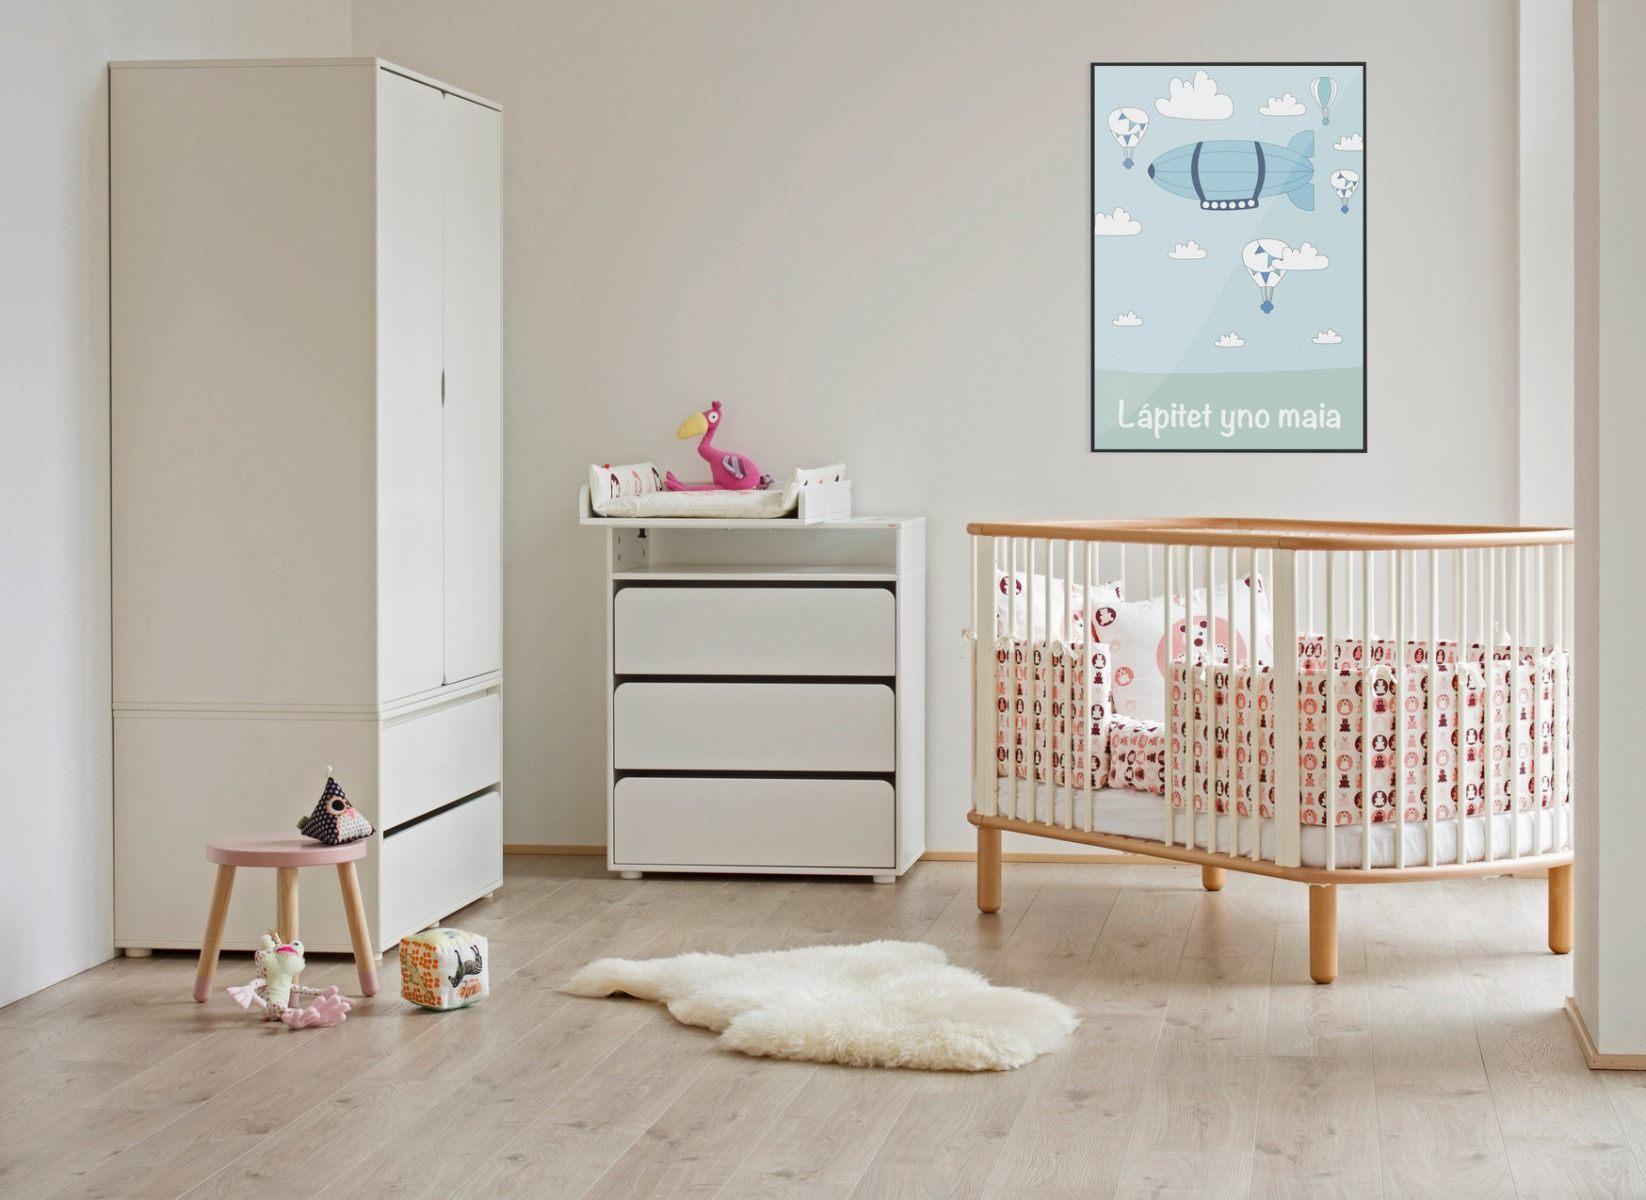 Lit Bébé 2 Ans Élégant Bébé Punaise De Lit Chambre Bébé Fille Inspirant Parc B C3 A9b C3 A9